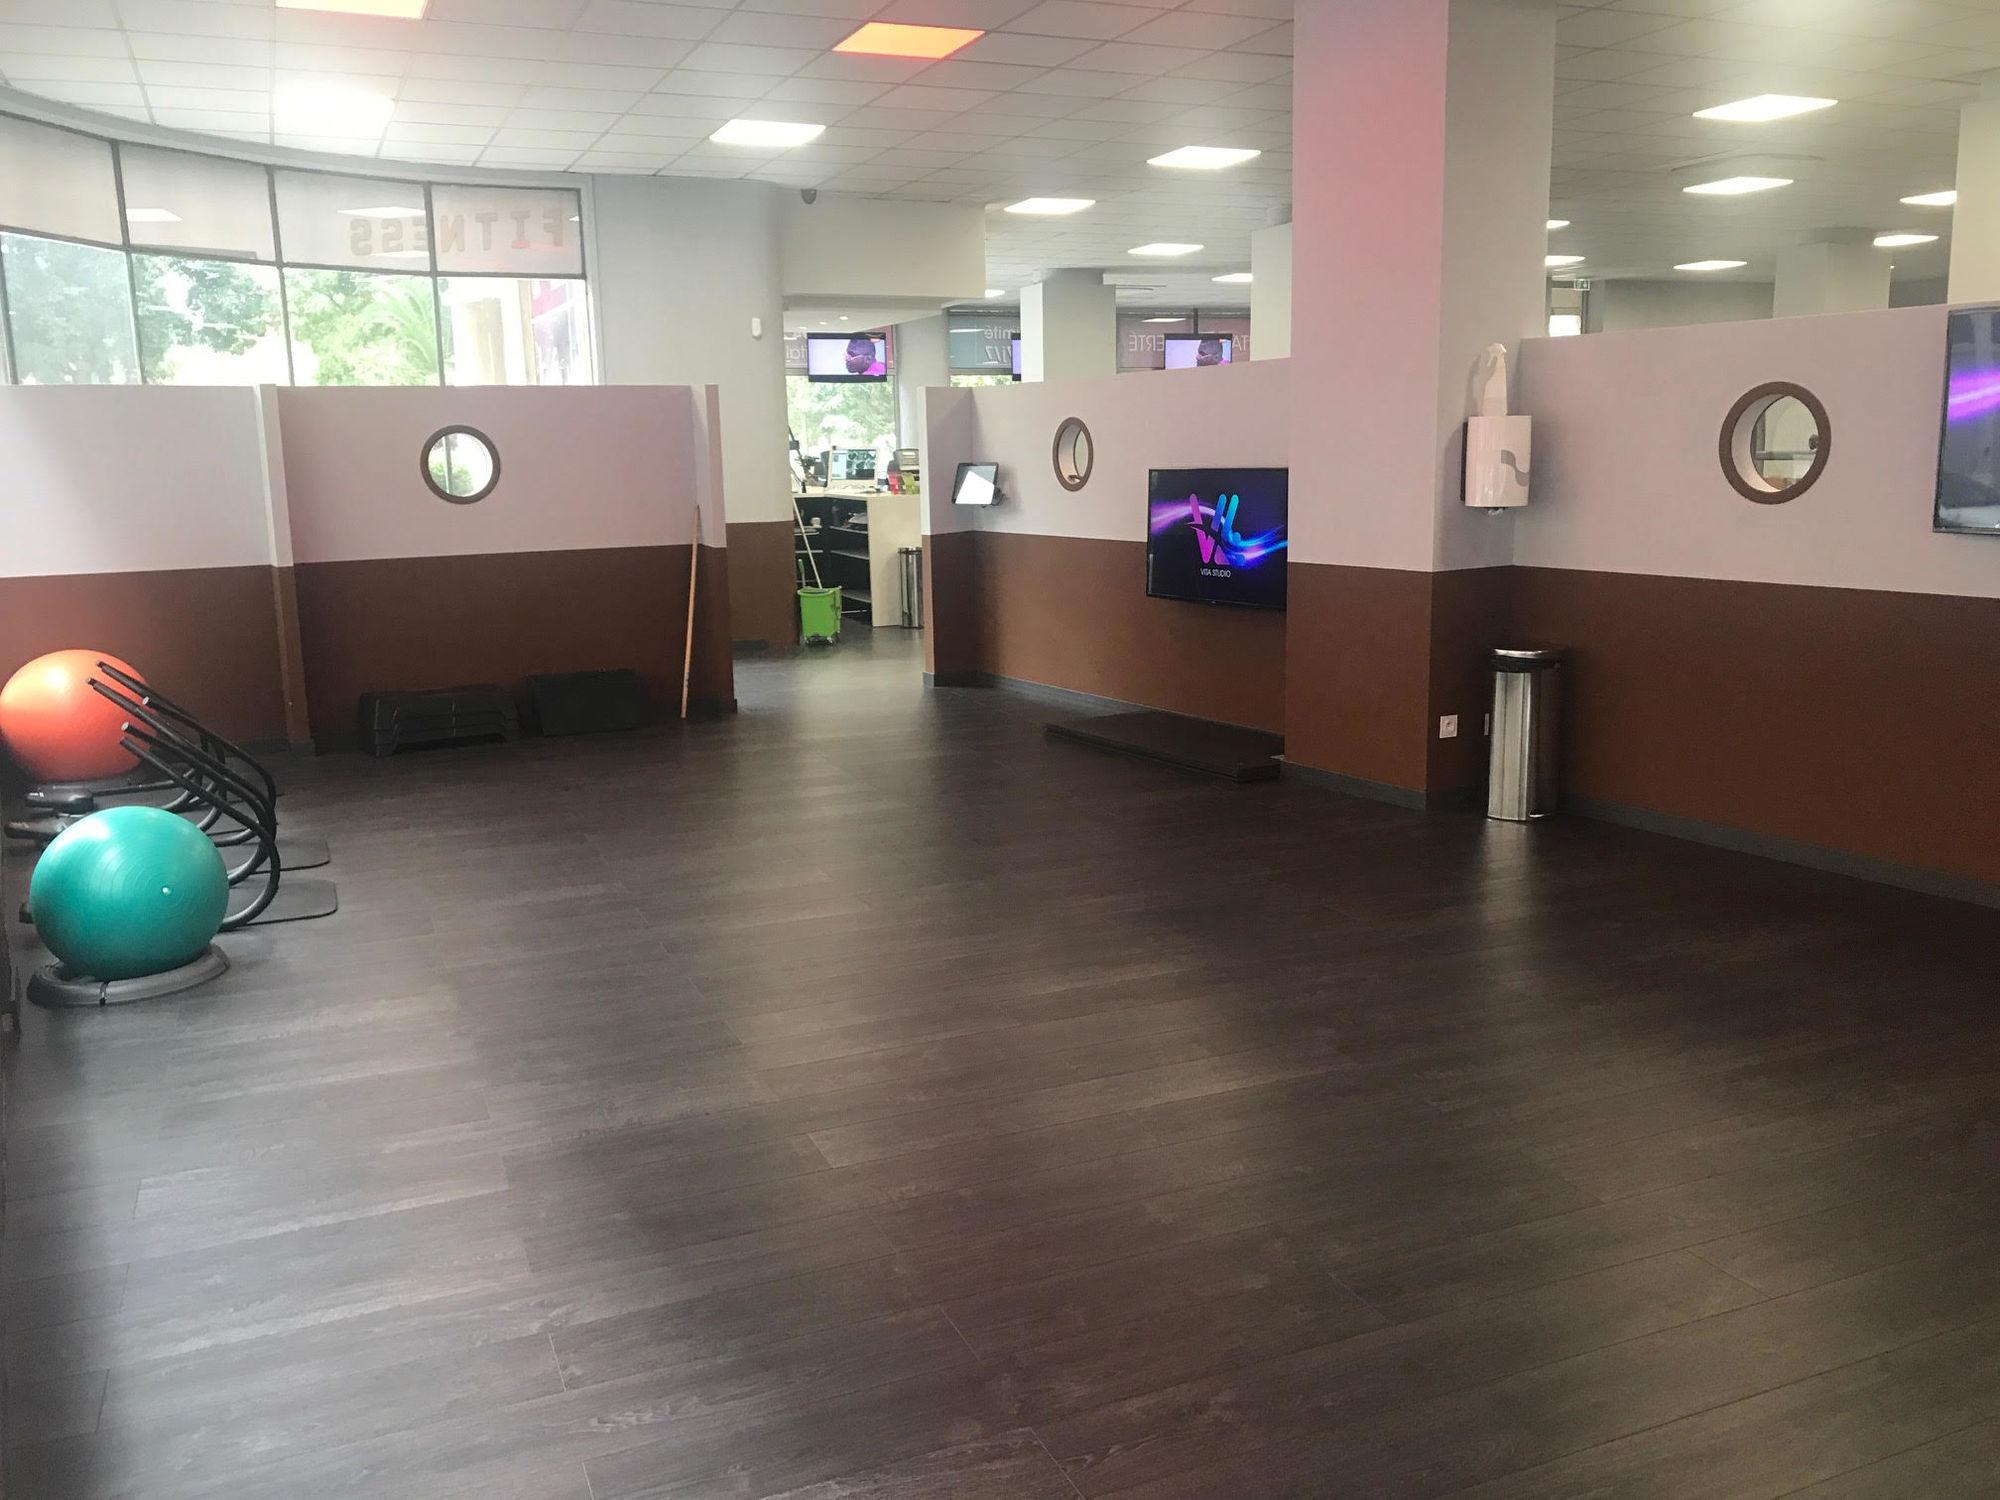 Salle de sport Vita liberté Toulon centre fitness